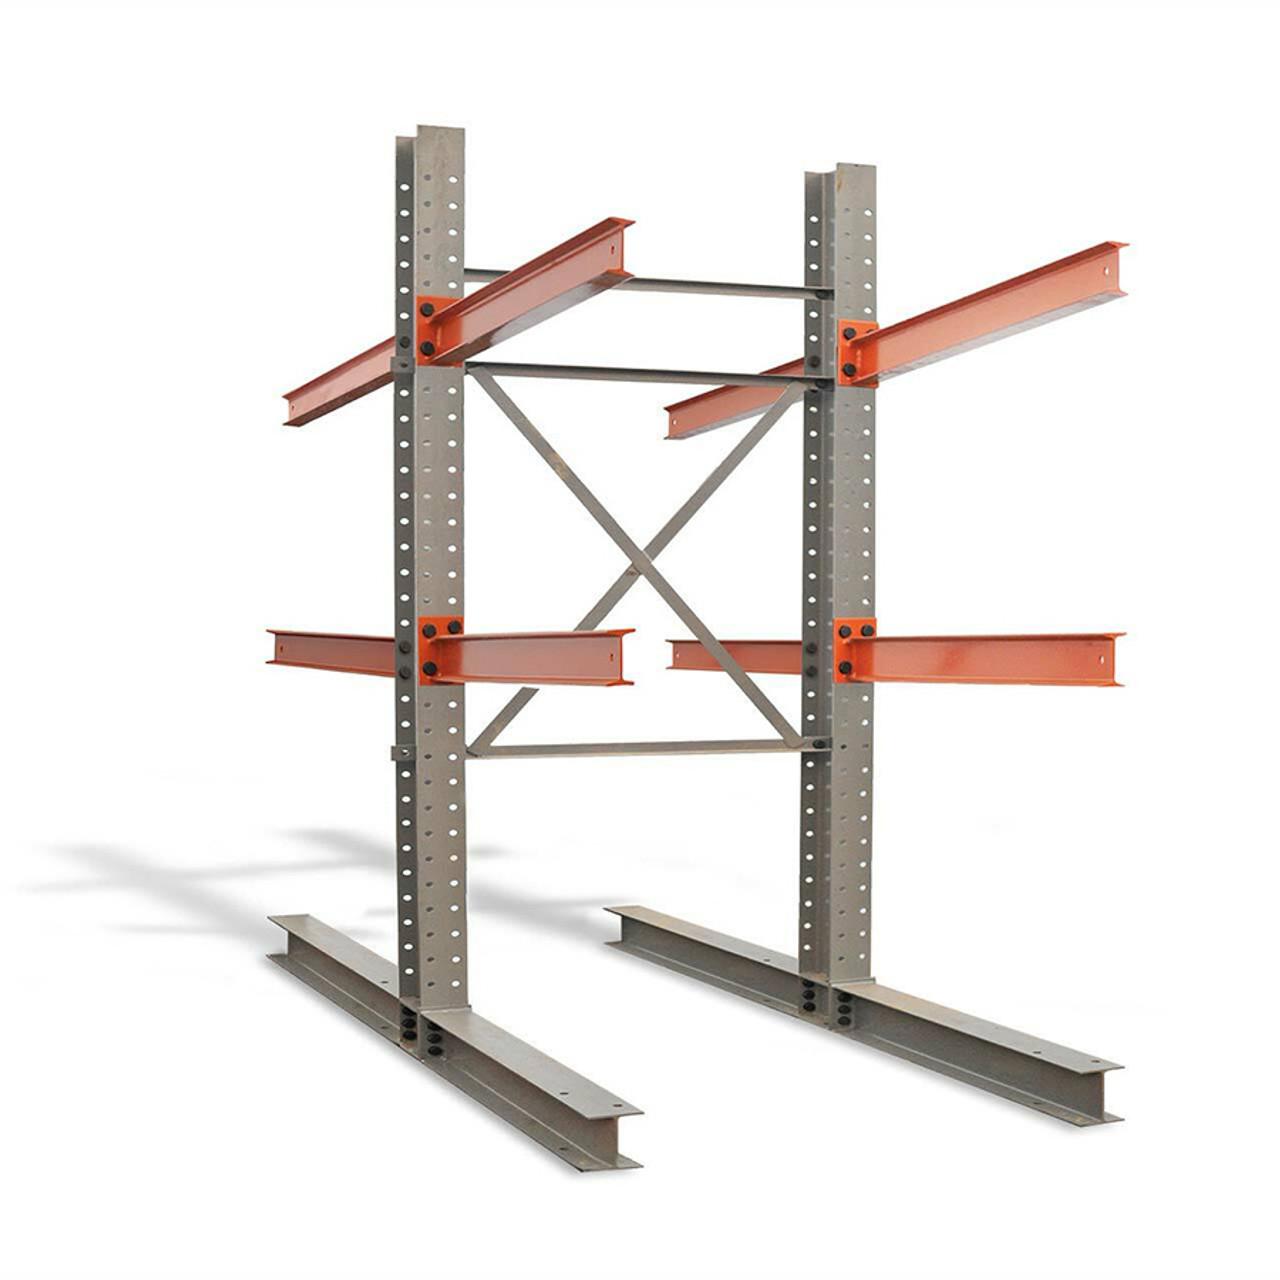 Double sided cantilever rack starter kit